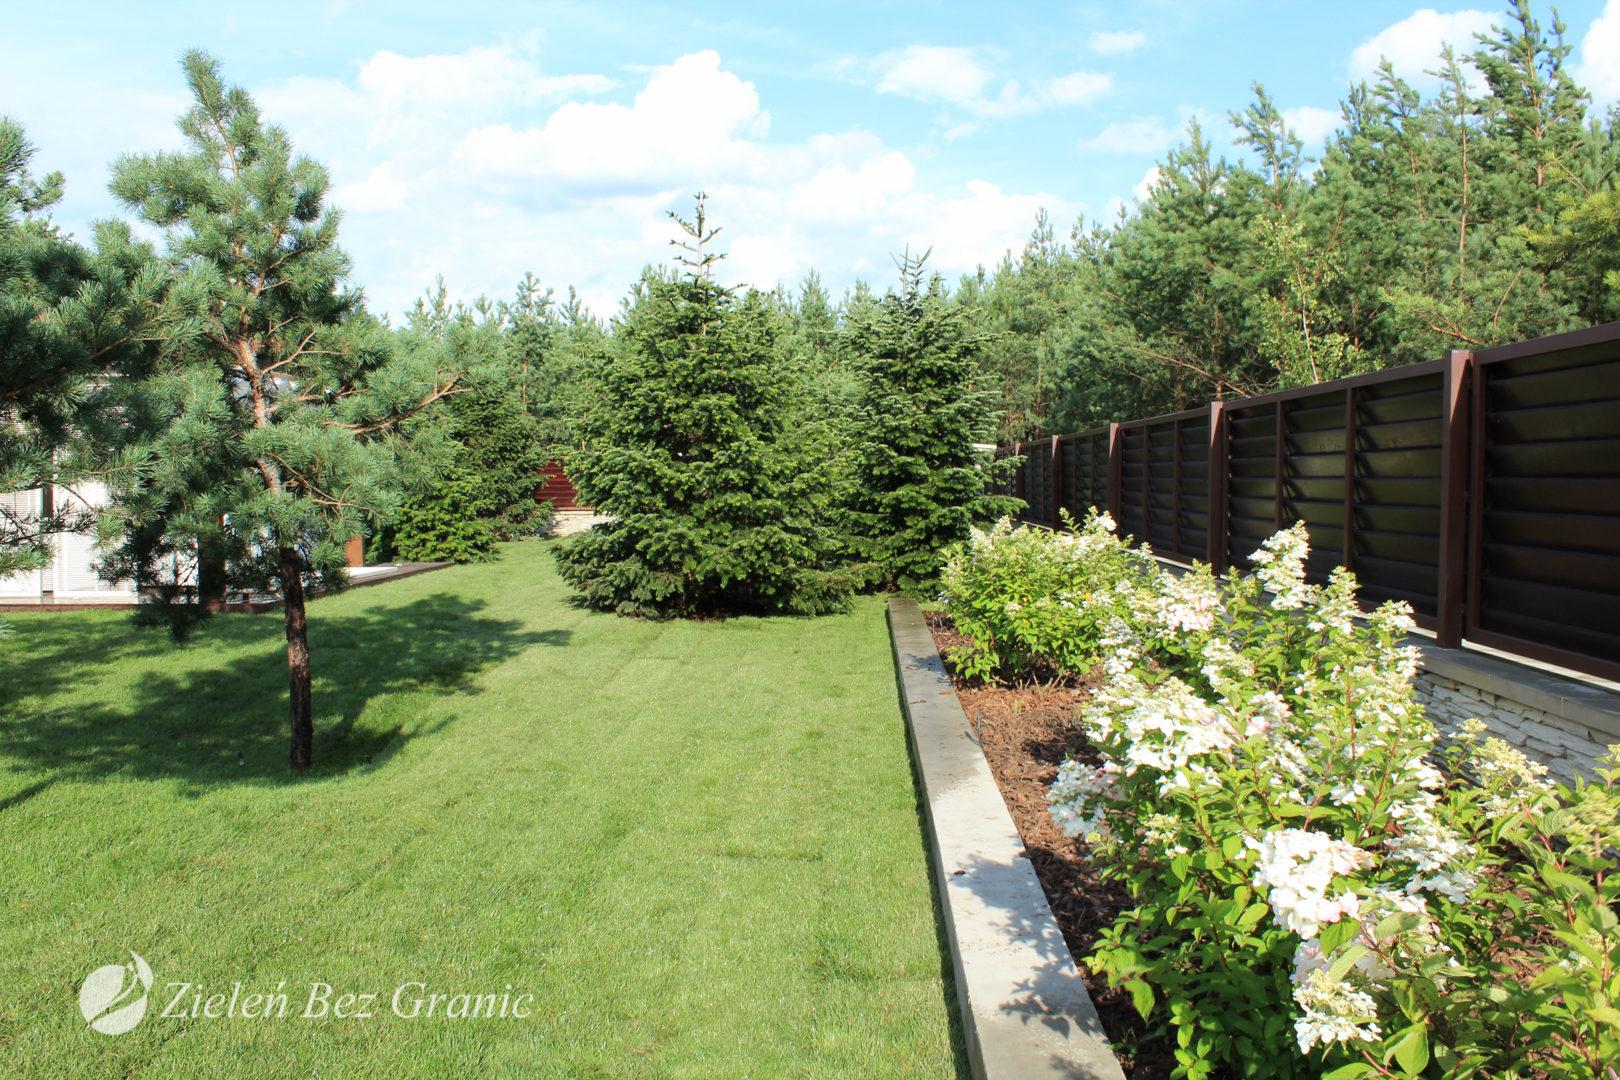 Zastosowana roślinność jest bardzo minimalistyczna.